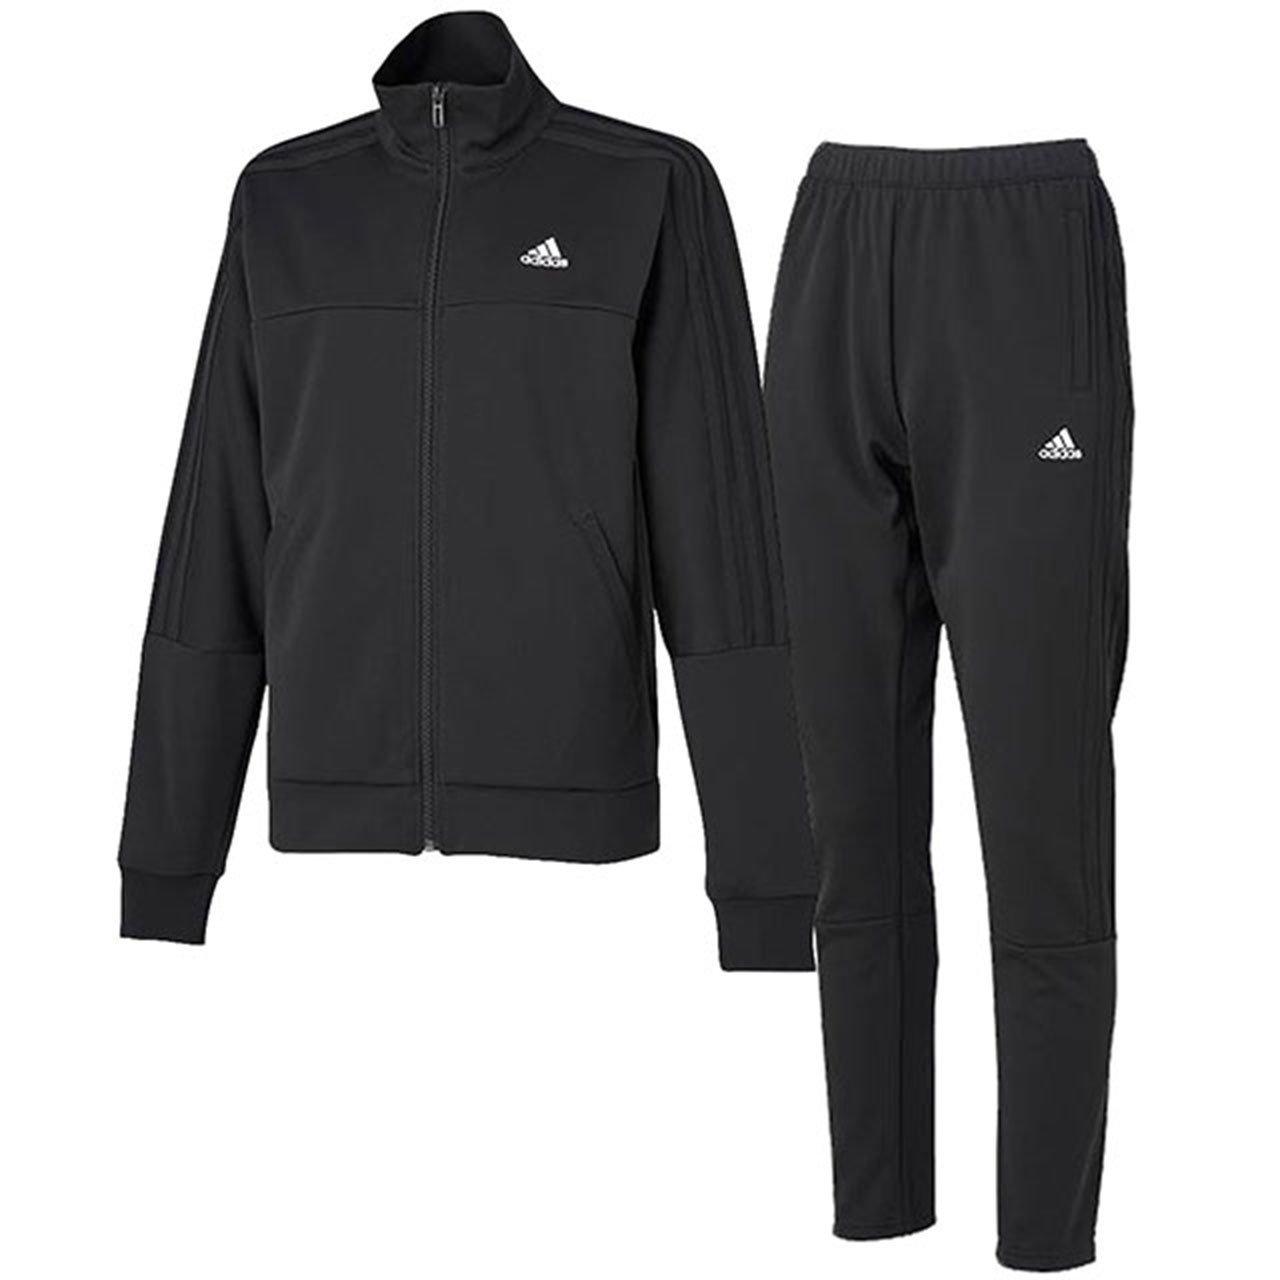 アディダス(adidas) レディース SP WU ジャケット&パンツ 上下セット(ブラックホワイト) FAG02-CY8801-FAG00-CY8798 B0766NMQXR  ブラックホワイト 日本 J/M-(日本サイズM相当)